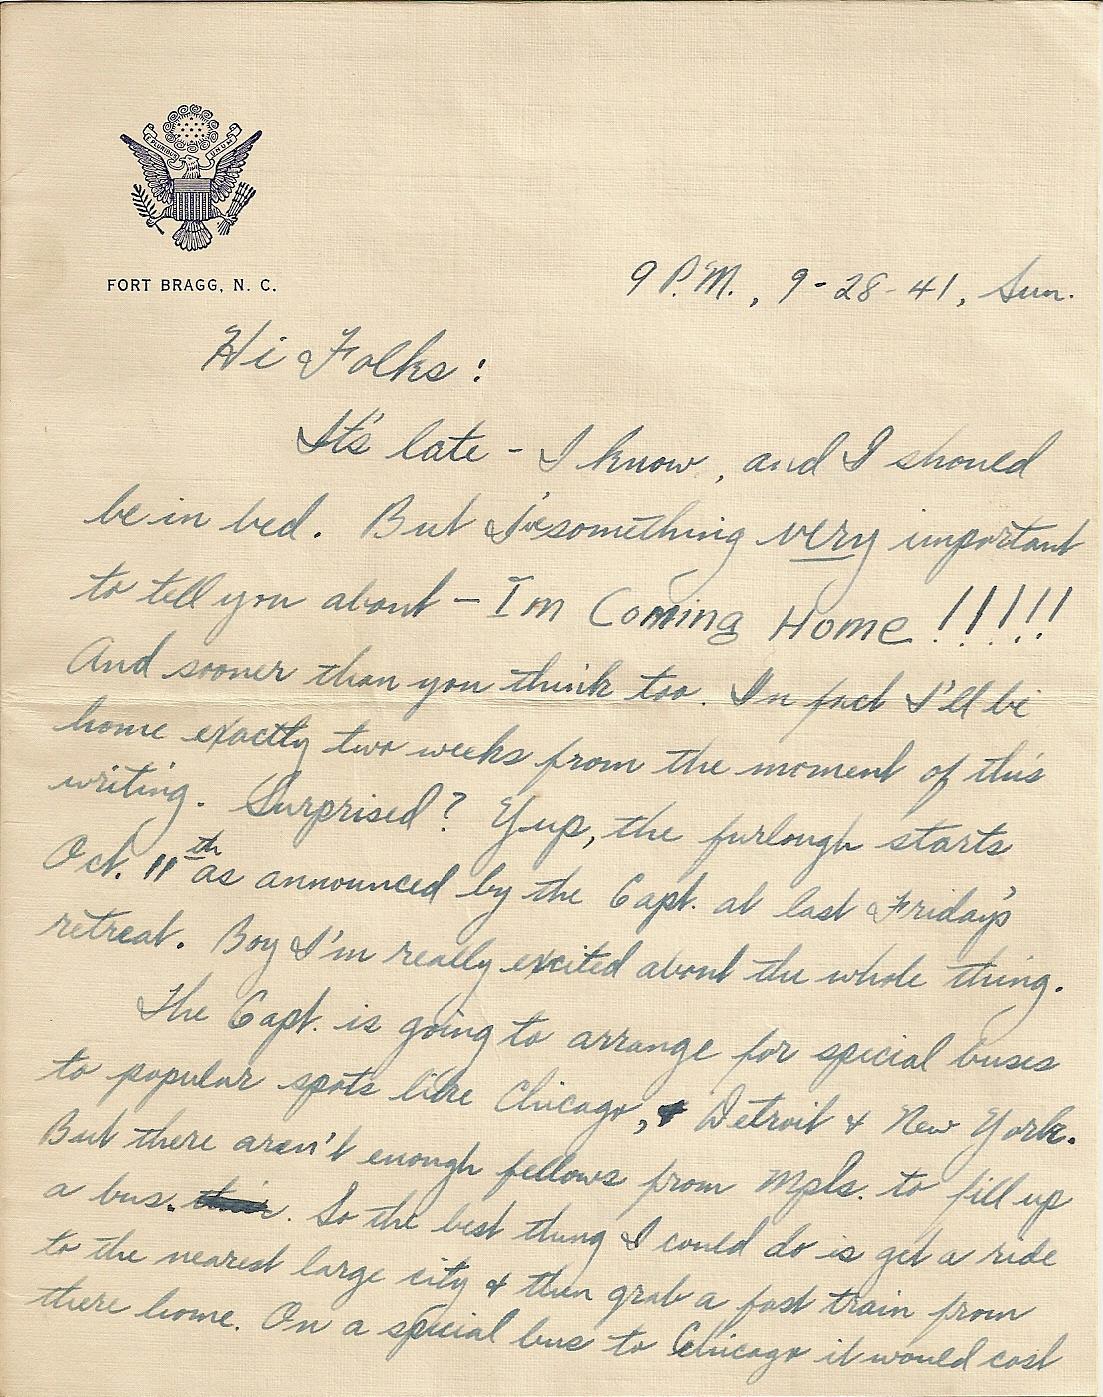 09.28.1941b.jpg